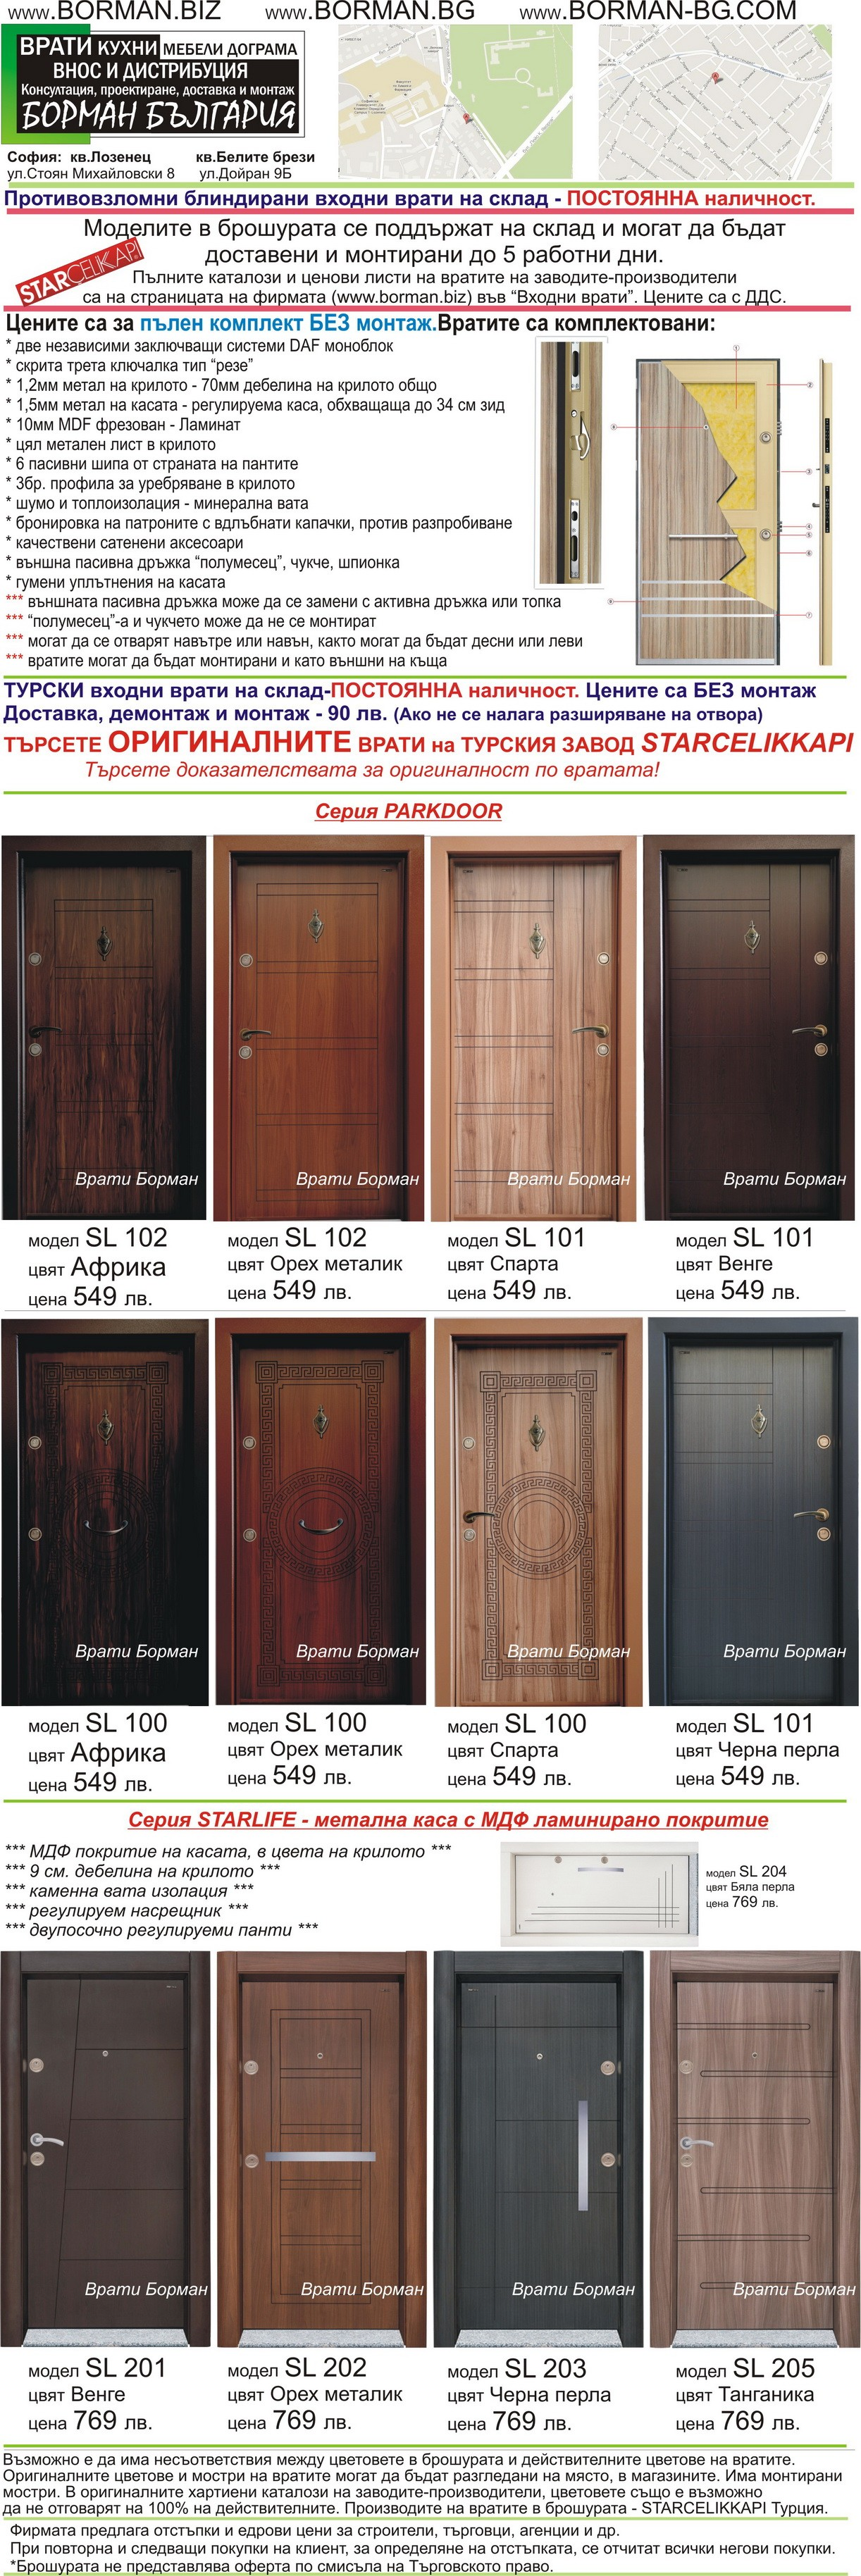 Vhodni-vrati-ceni_Starcelikkapi_Turkey